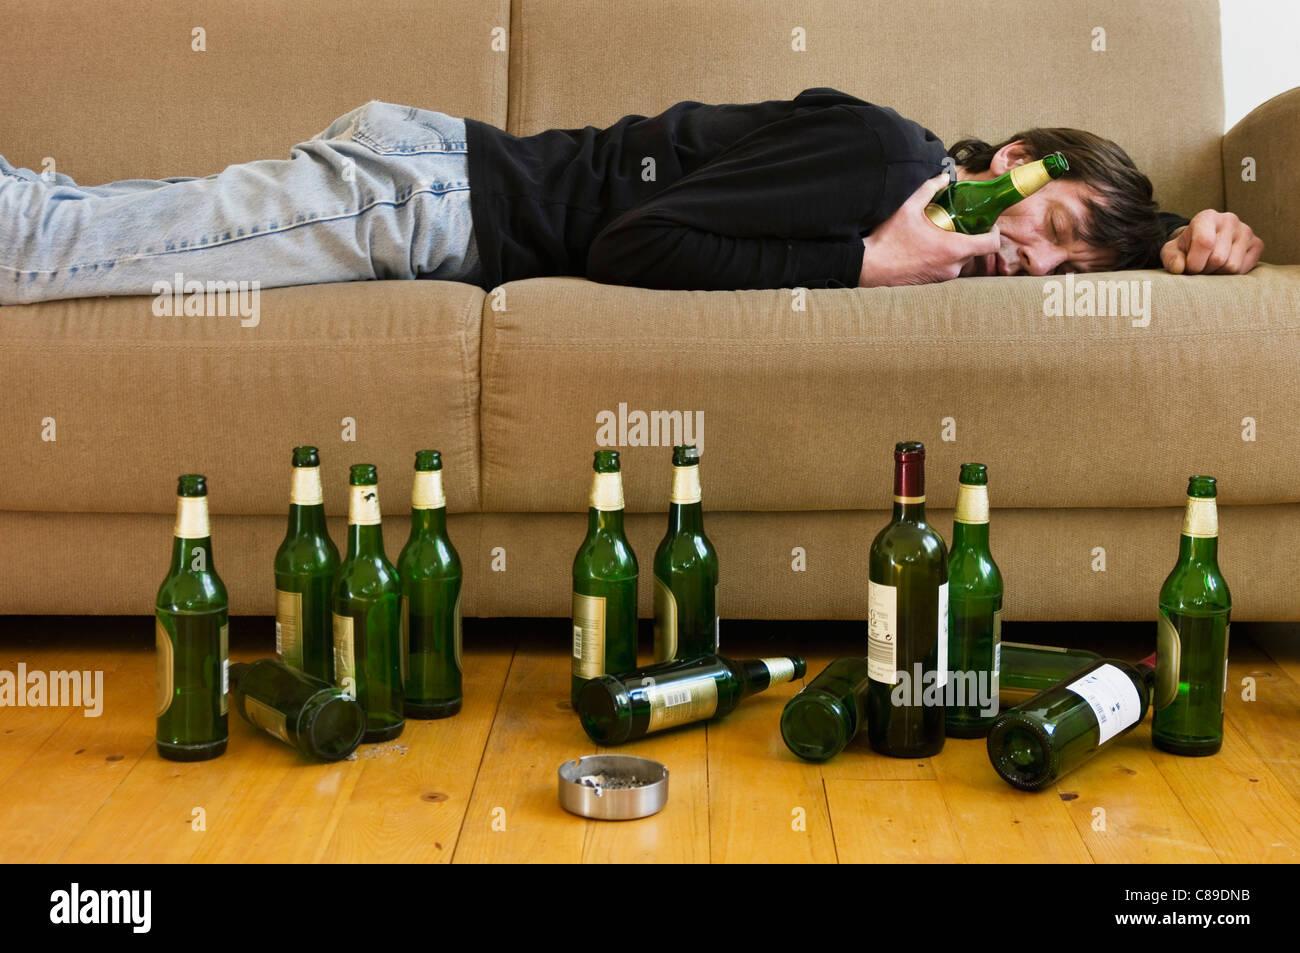 Empty Beer Bottle Living Room